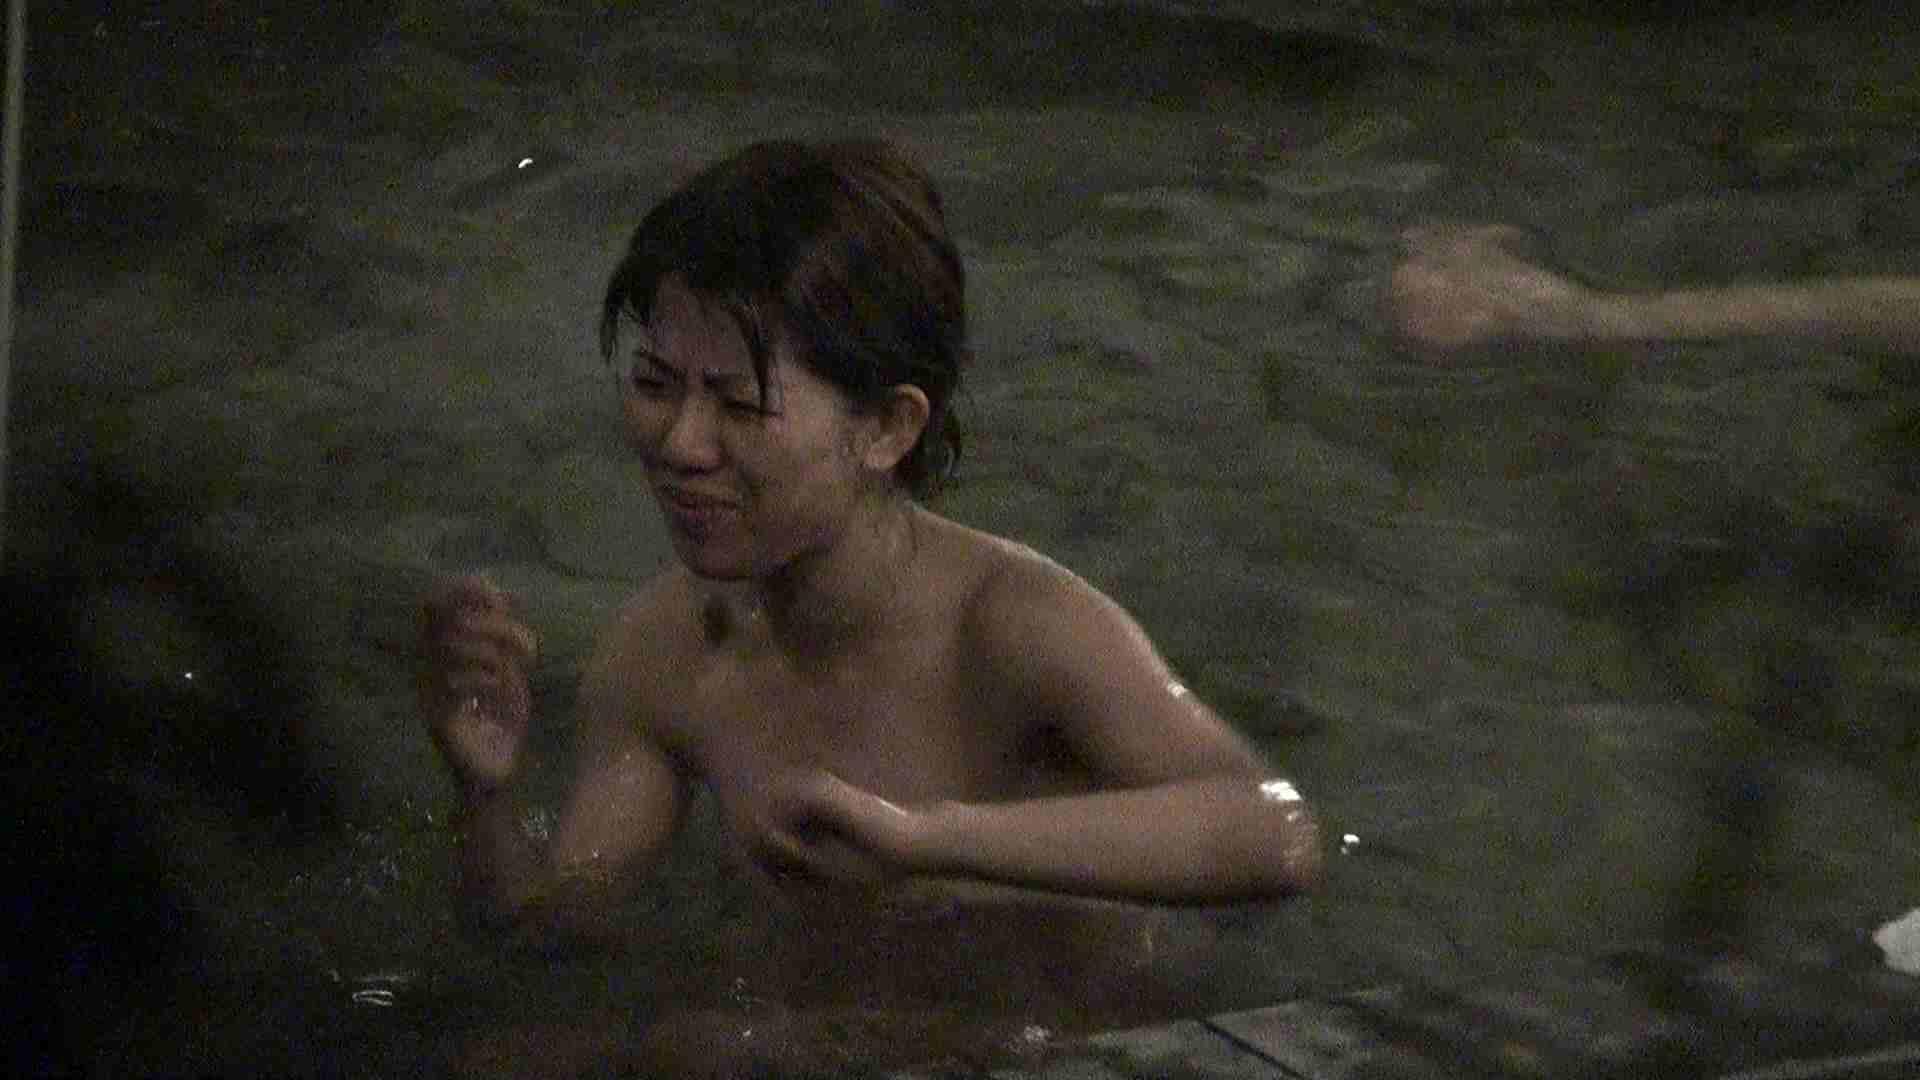 Aquaな露天風呂Vol.417 盗撮シリーズ  76PIX 50